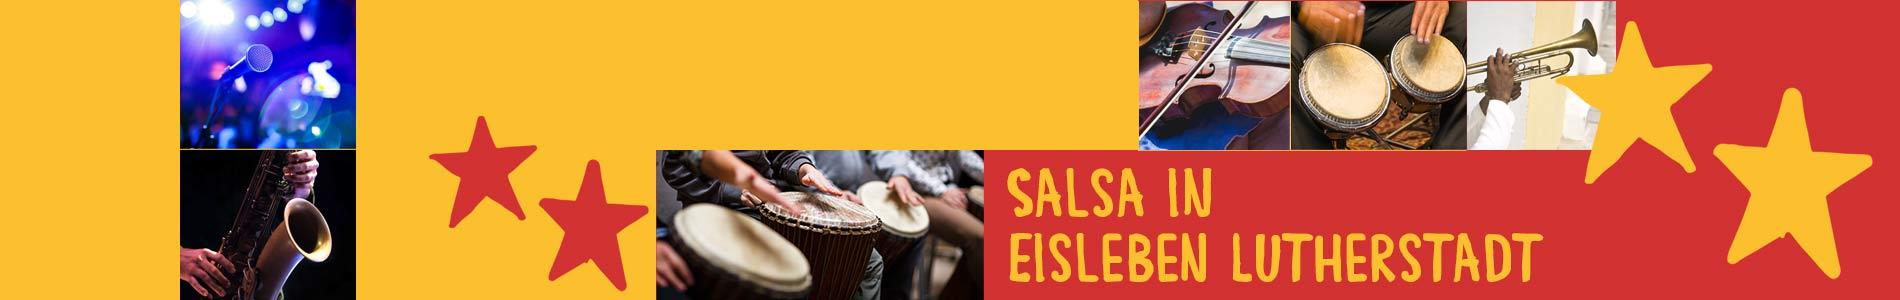 Salsa in Eisleben Lutherstadt – Salsa lernen und tanzen, Tanzkurse, Partys, Veranstaltungen